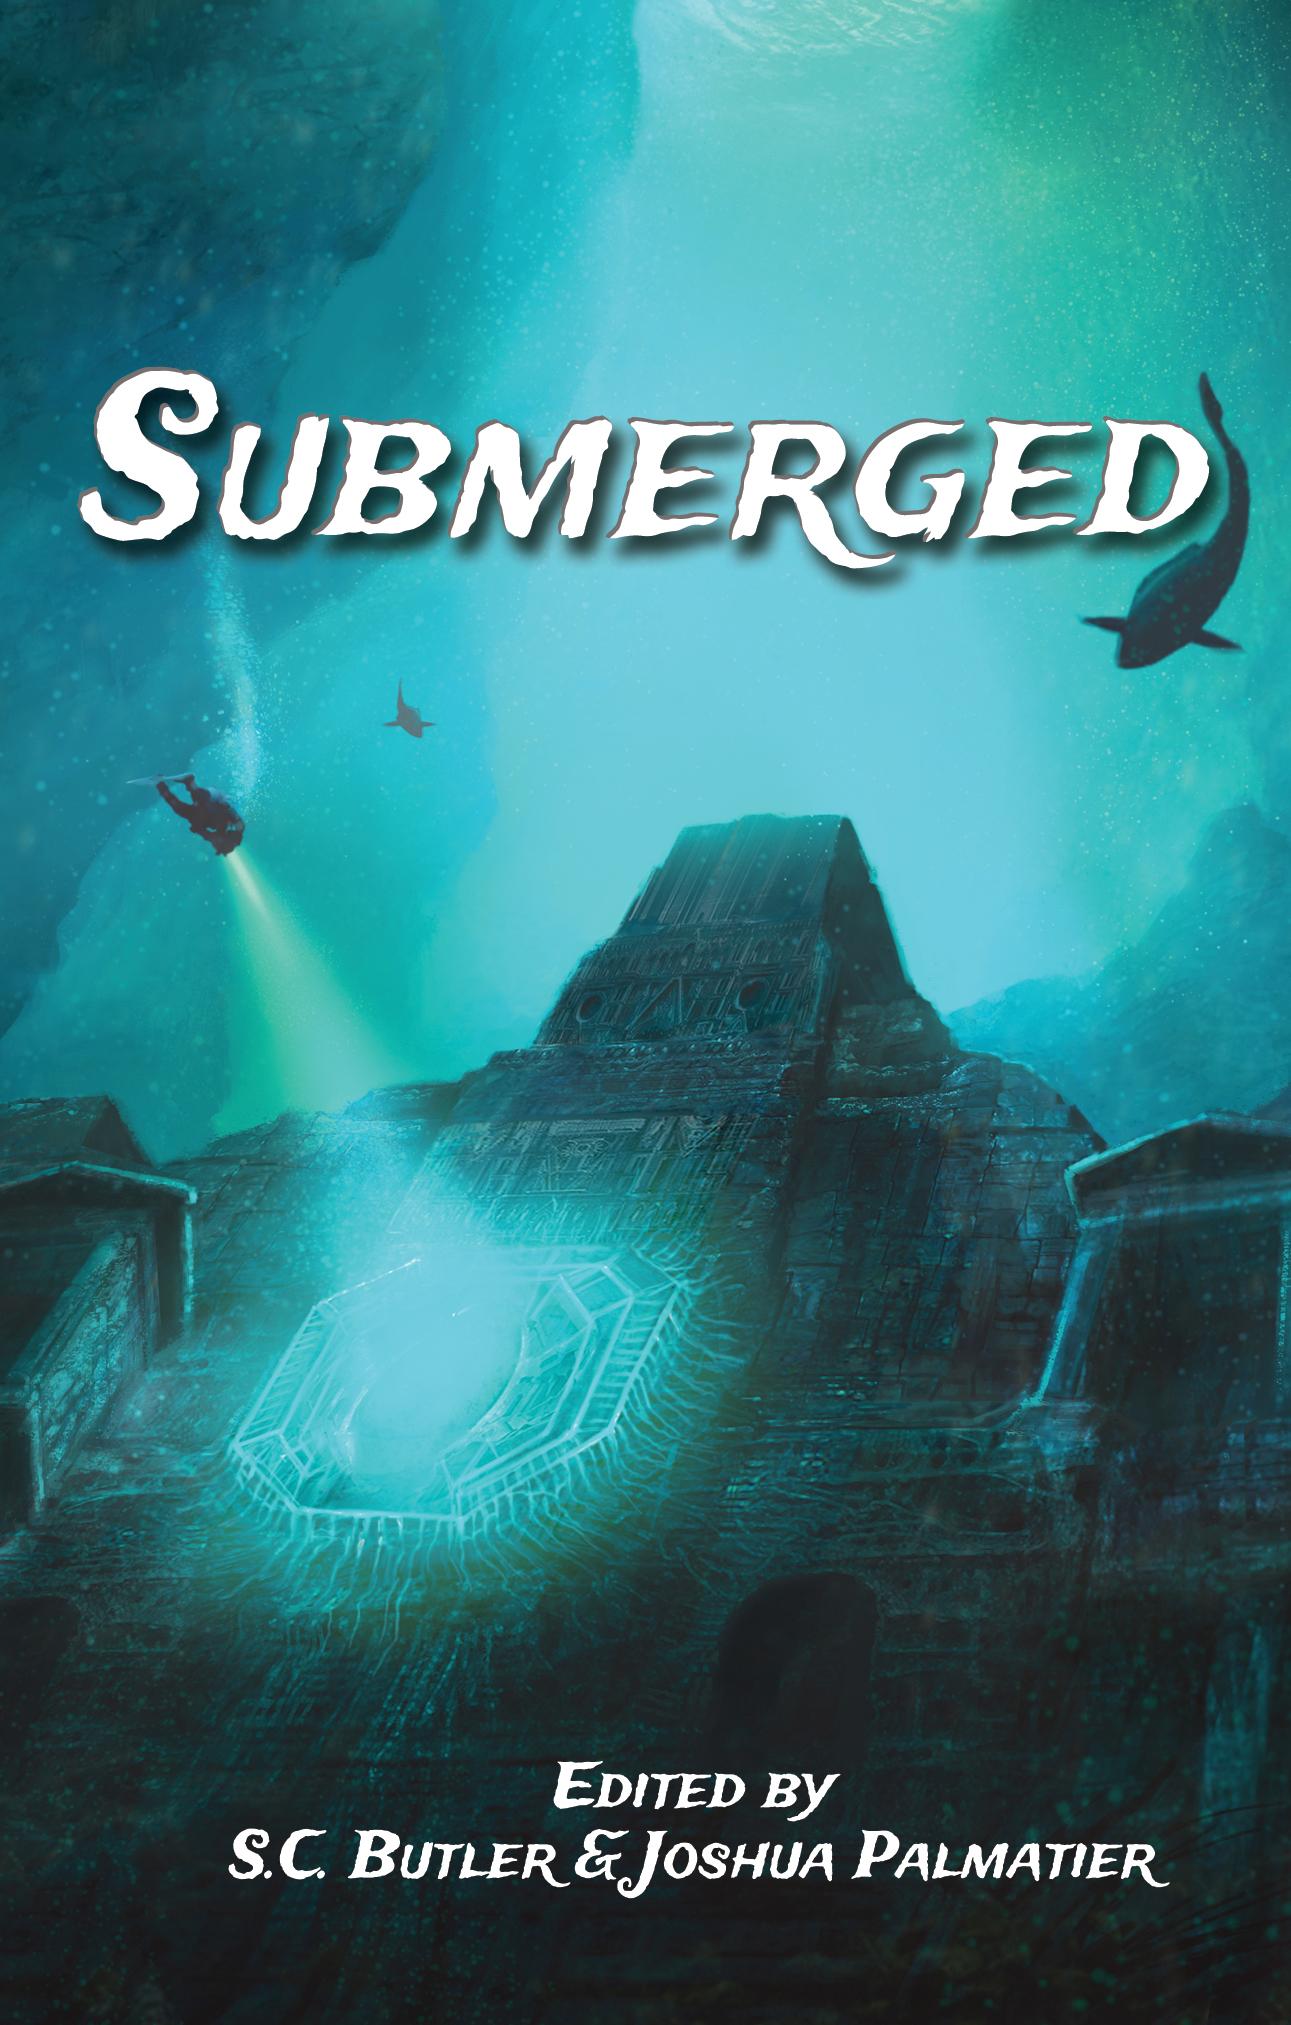 Submerged, 2017